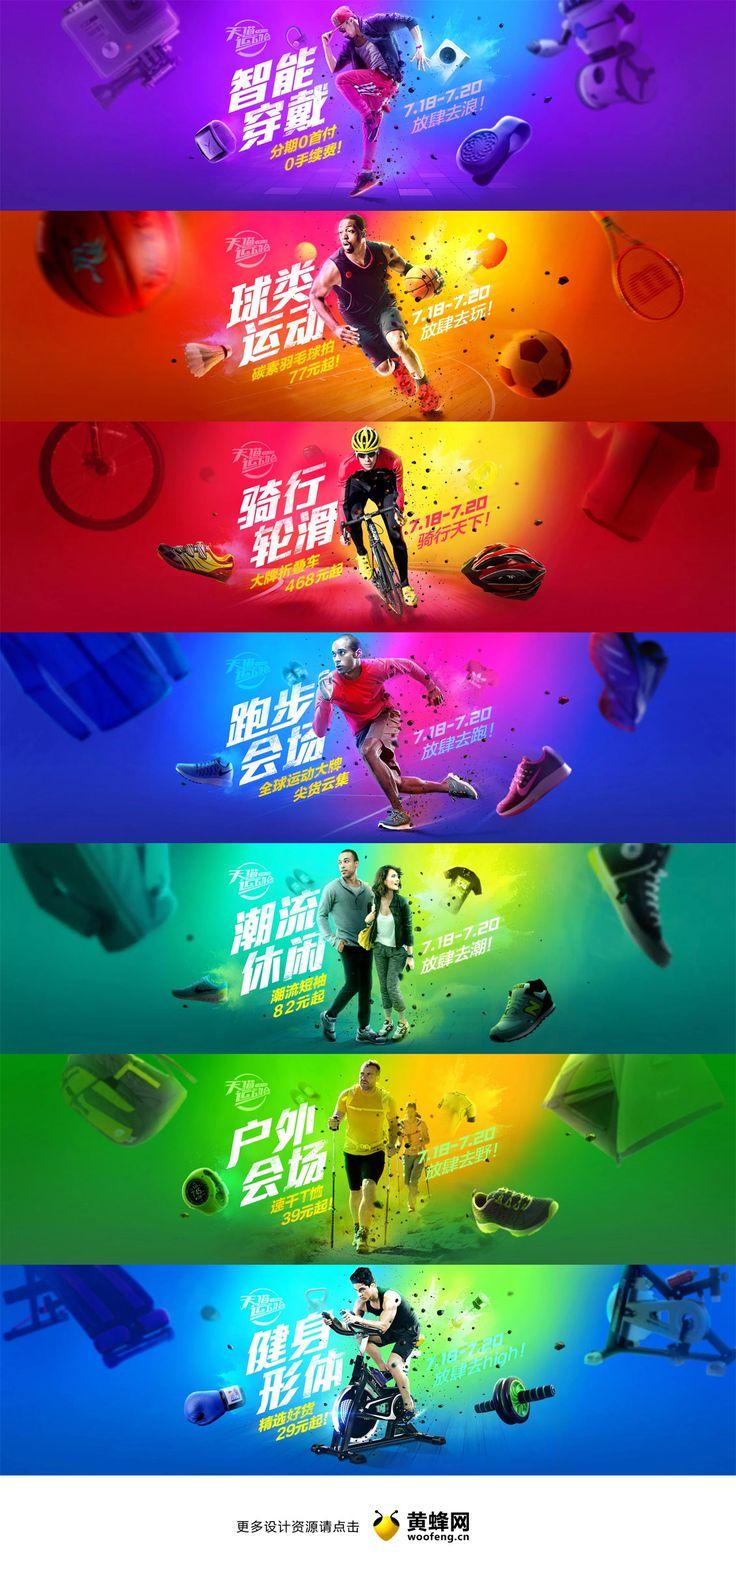 天猫运动会banner设计,来源自黄蜂网http://woofeng.cn/